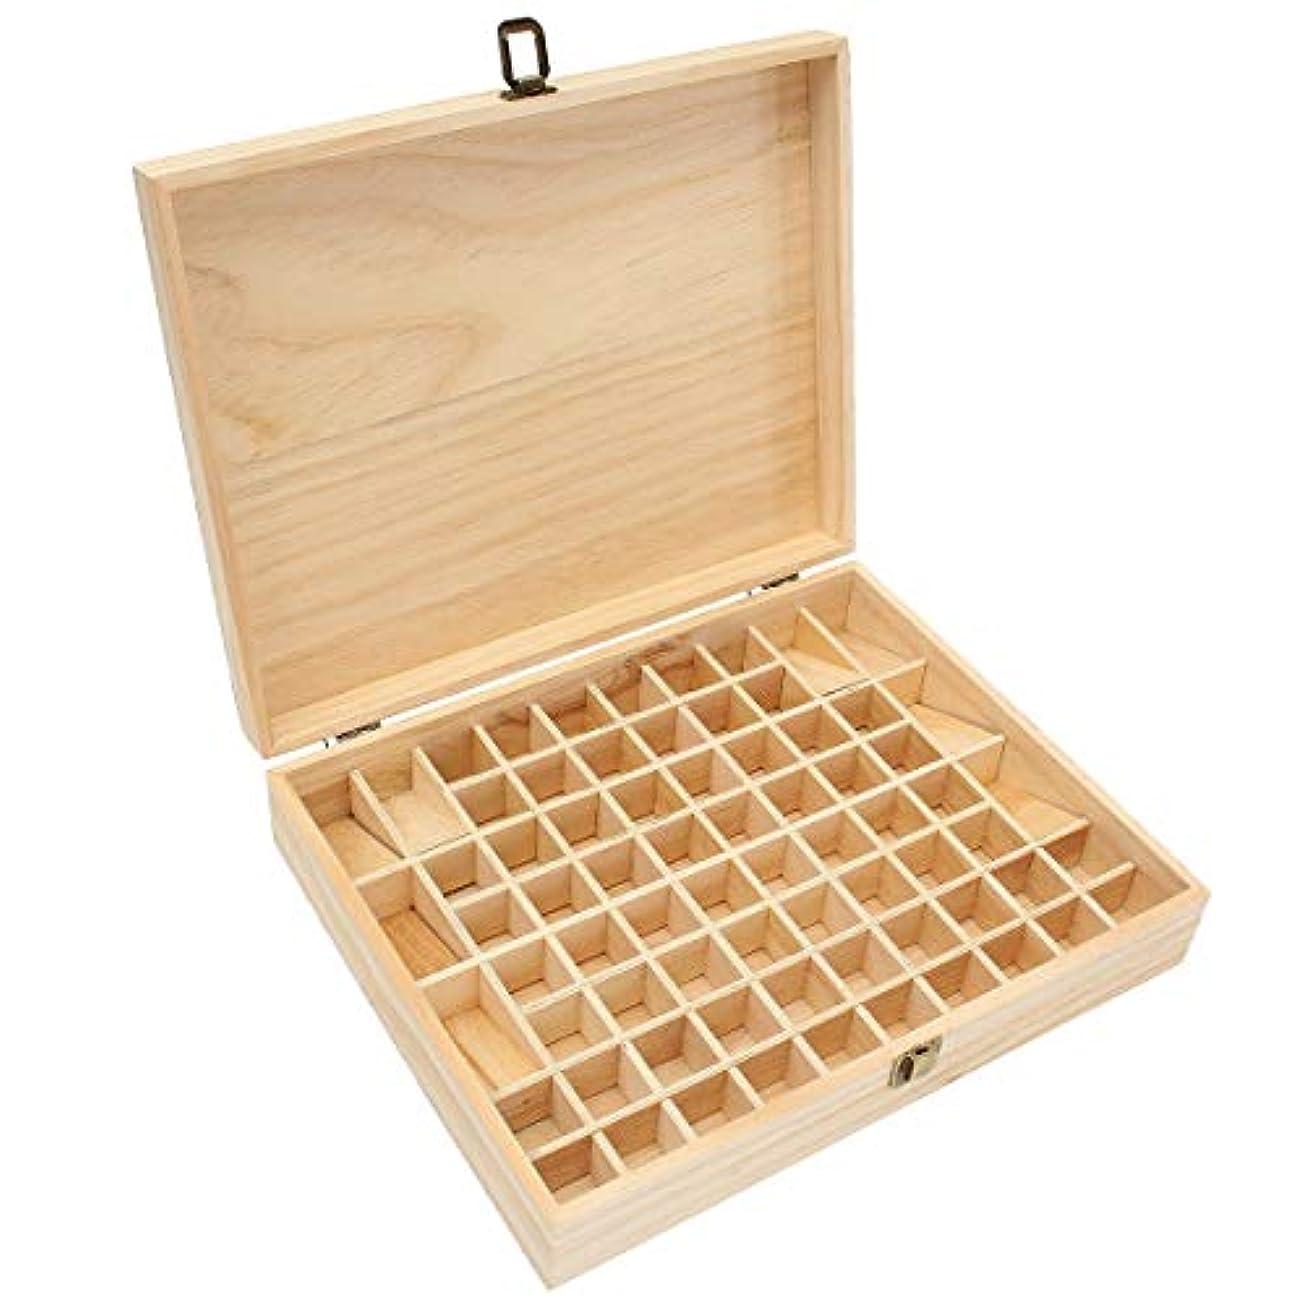 趣味興奮収益TINKSKY エッセンシャルオイルケース アロマケース 木製 アロマオイルスタンド 精油ボックス 精油収納 仕切りボックス 72本収納